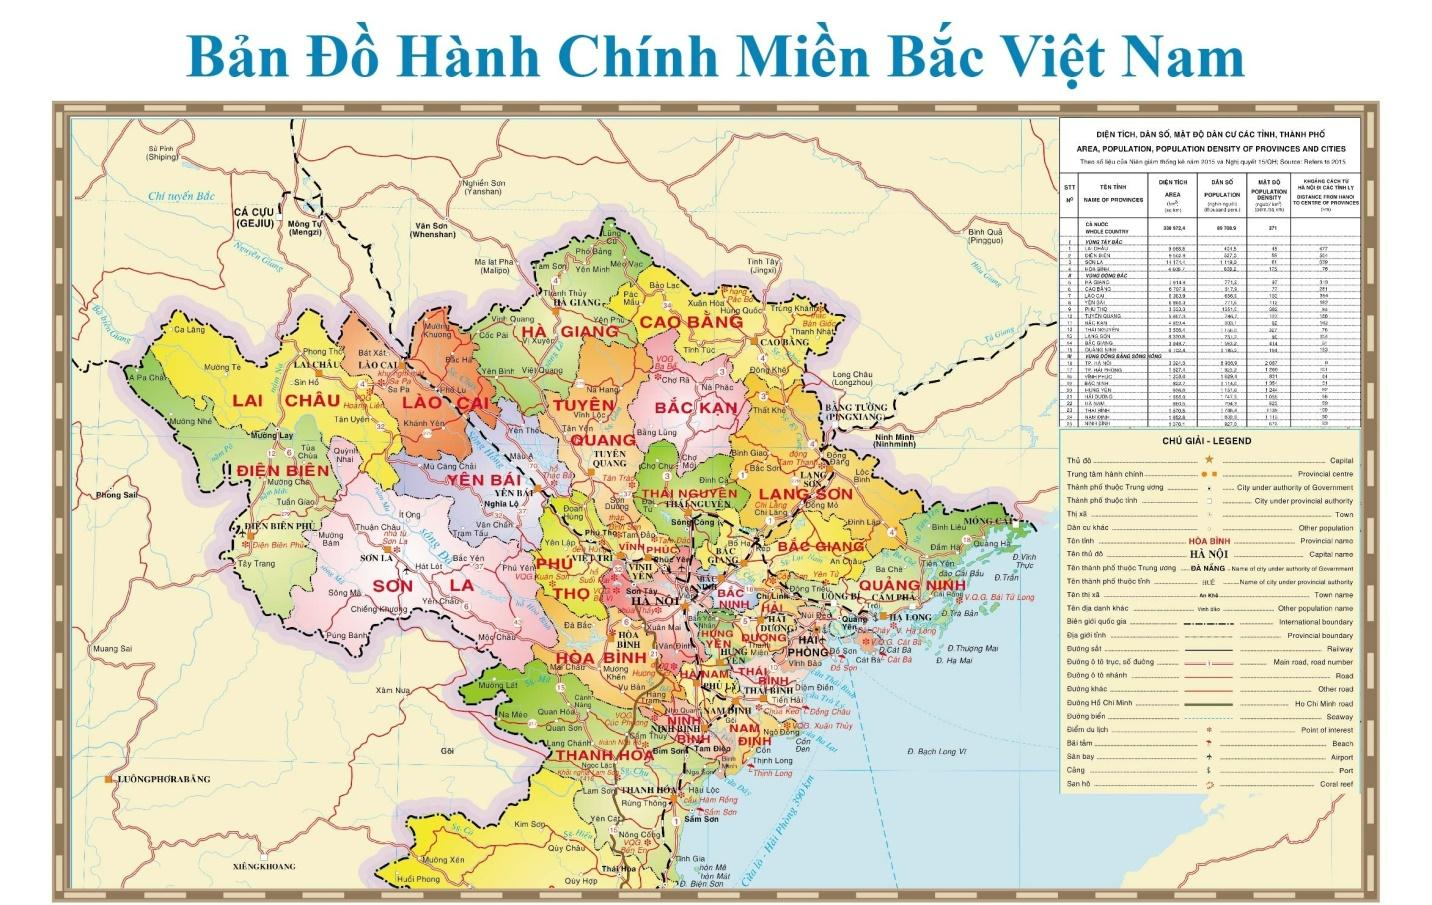 Bản đồ hành chính miền Bắc Việt Nam